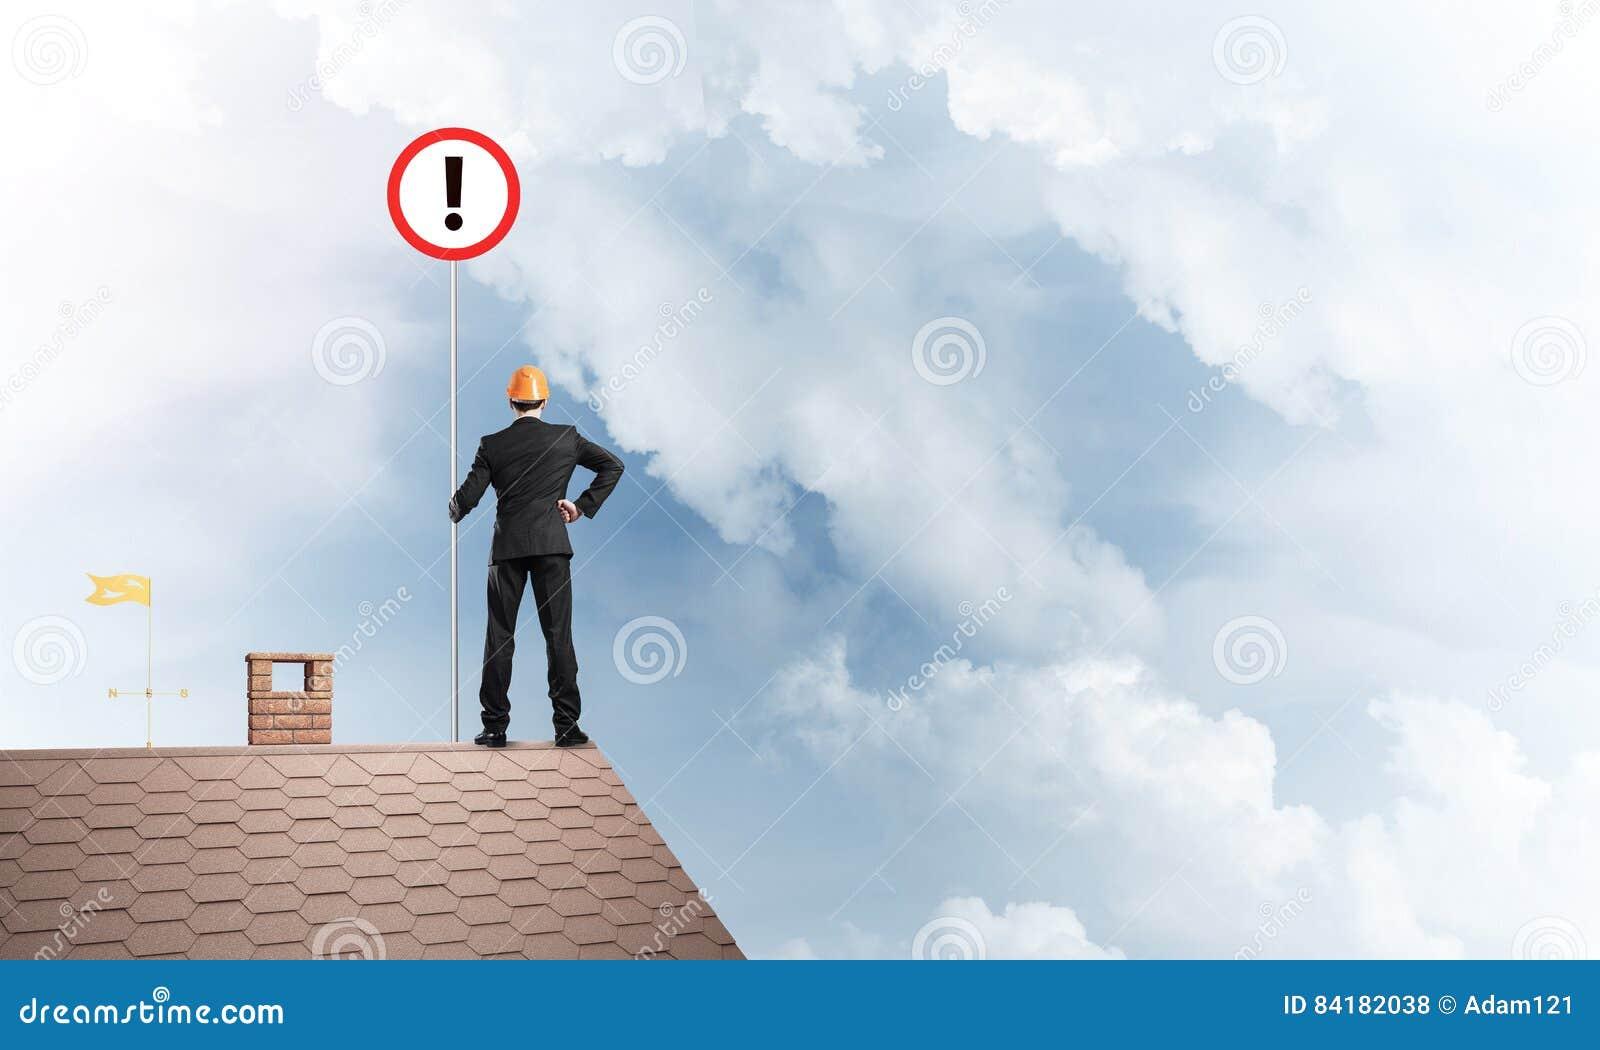 在房子顶面显示的标志的商人与惊叹号 混合